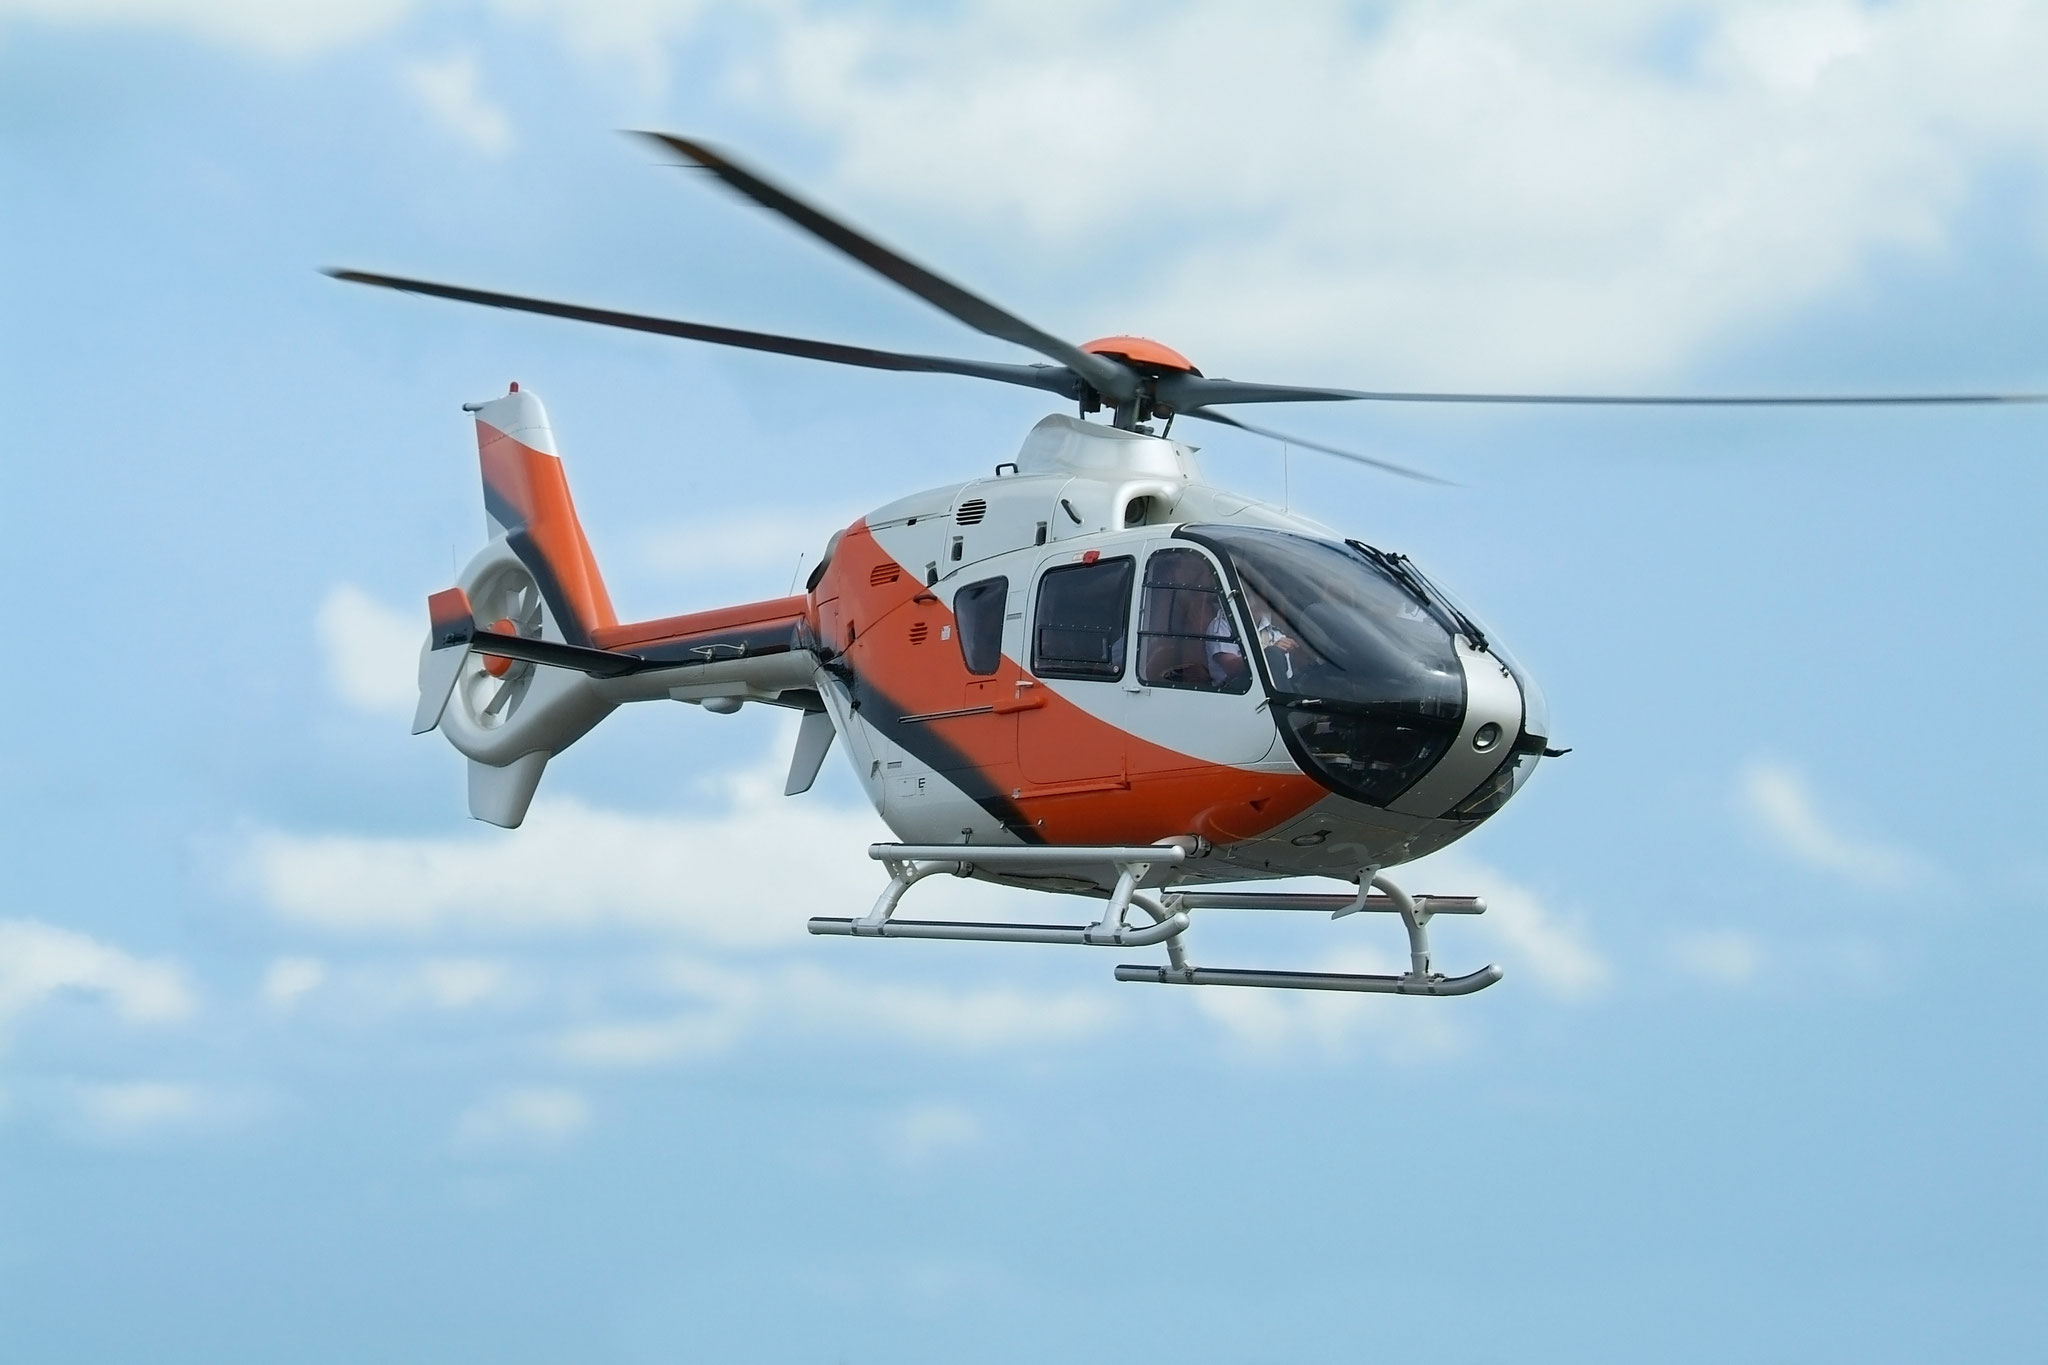 Hubschrauberteile